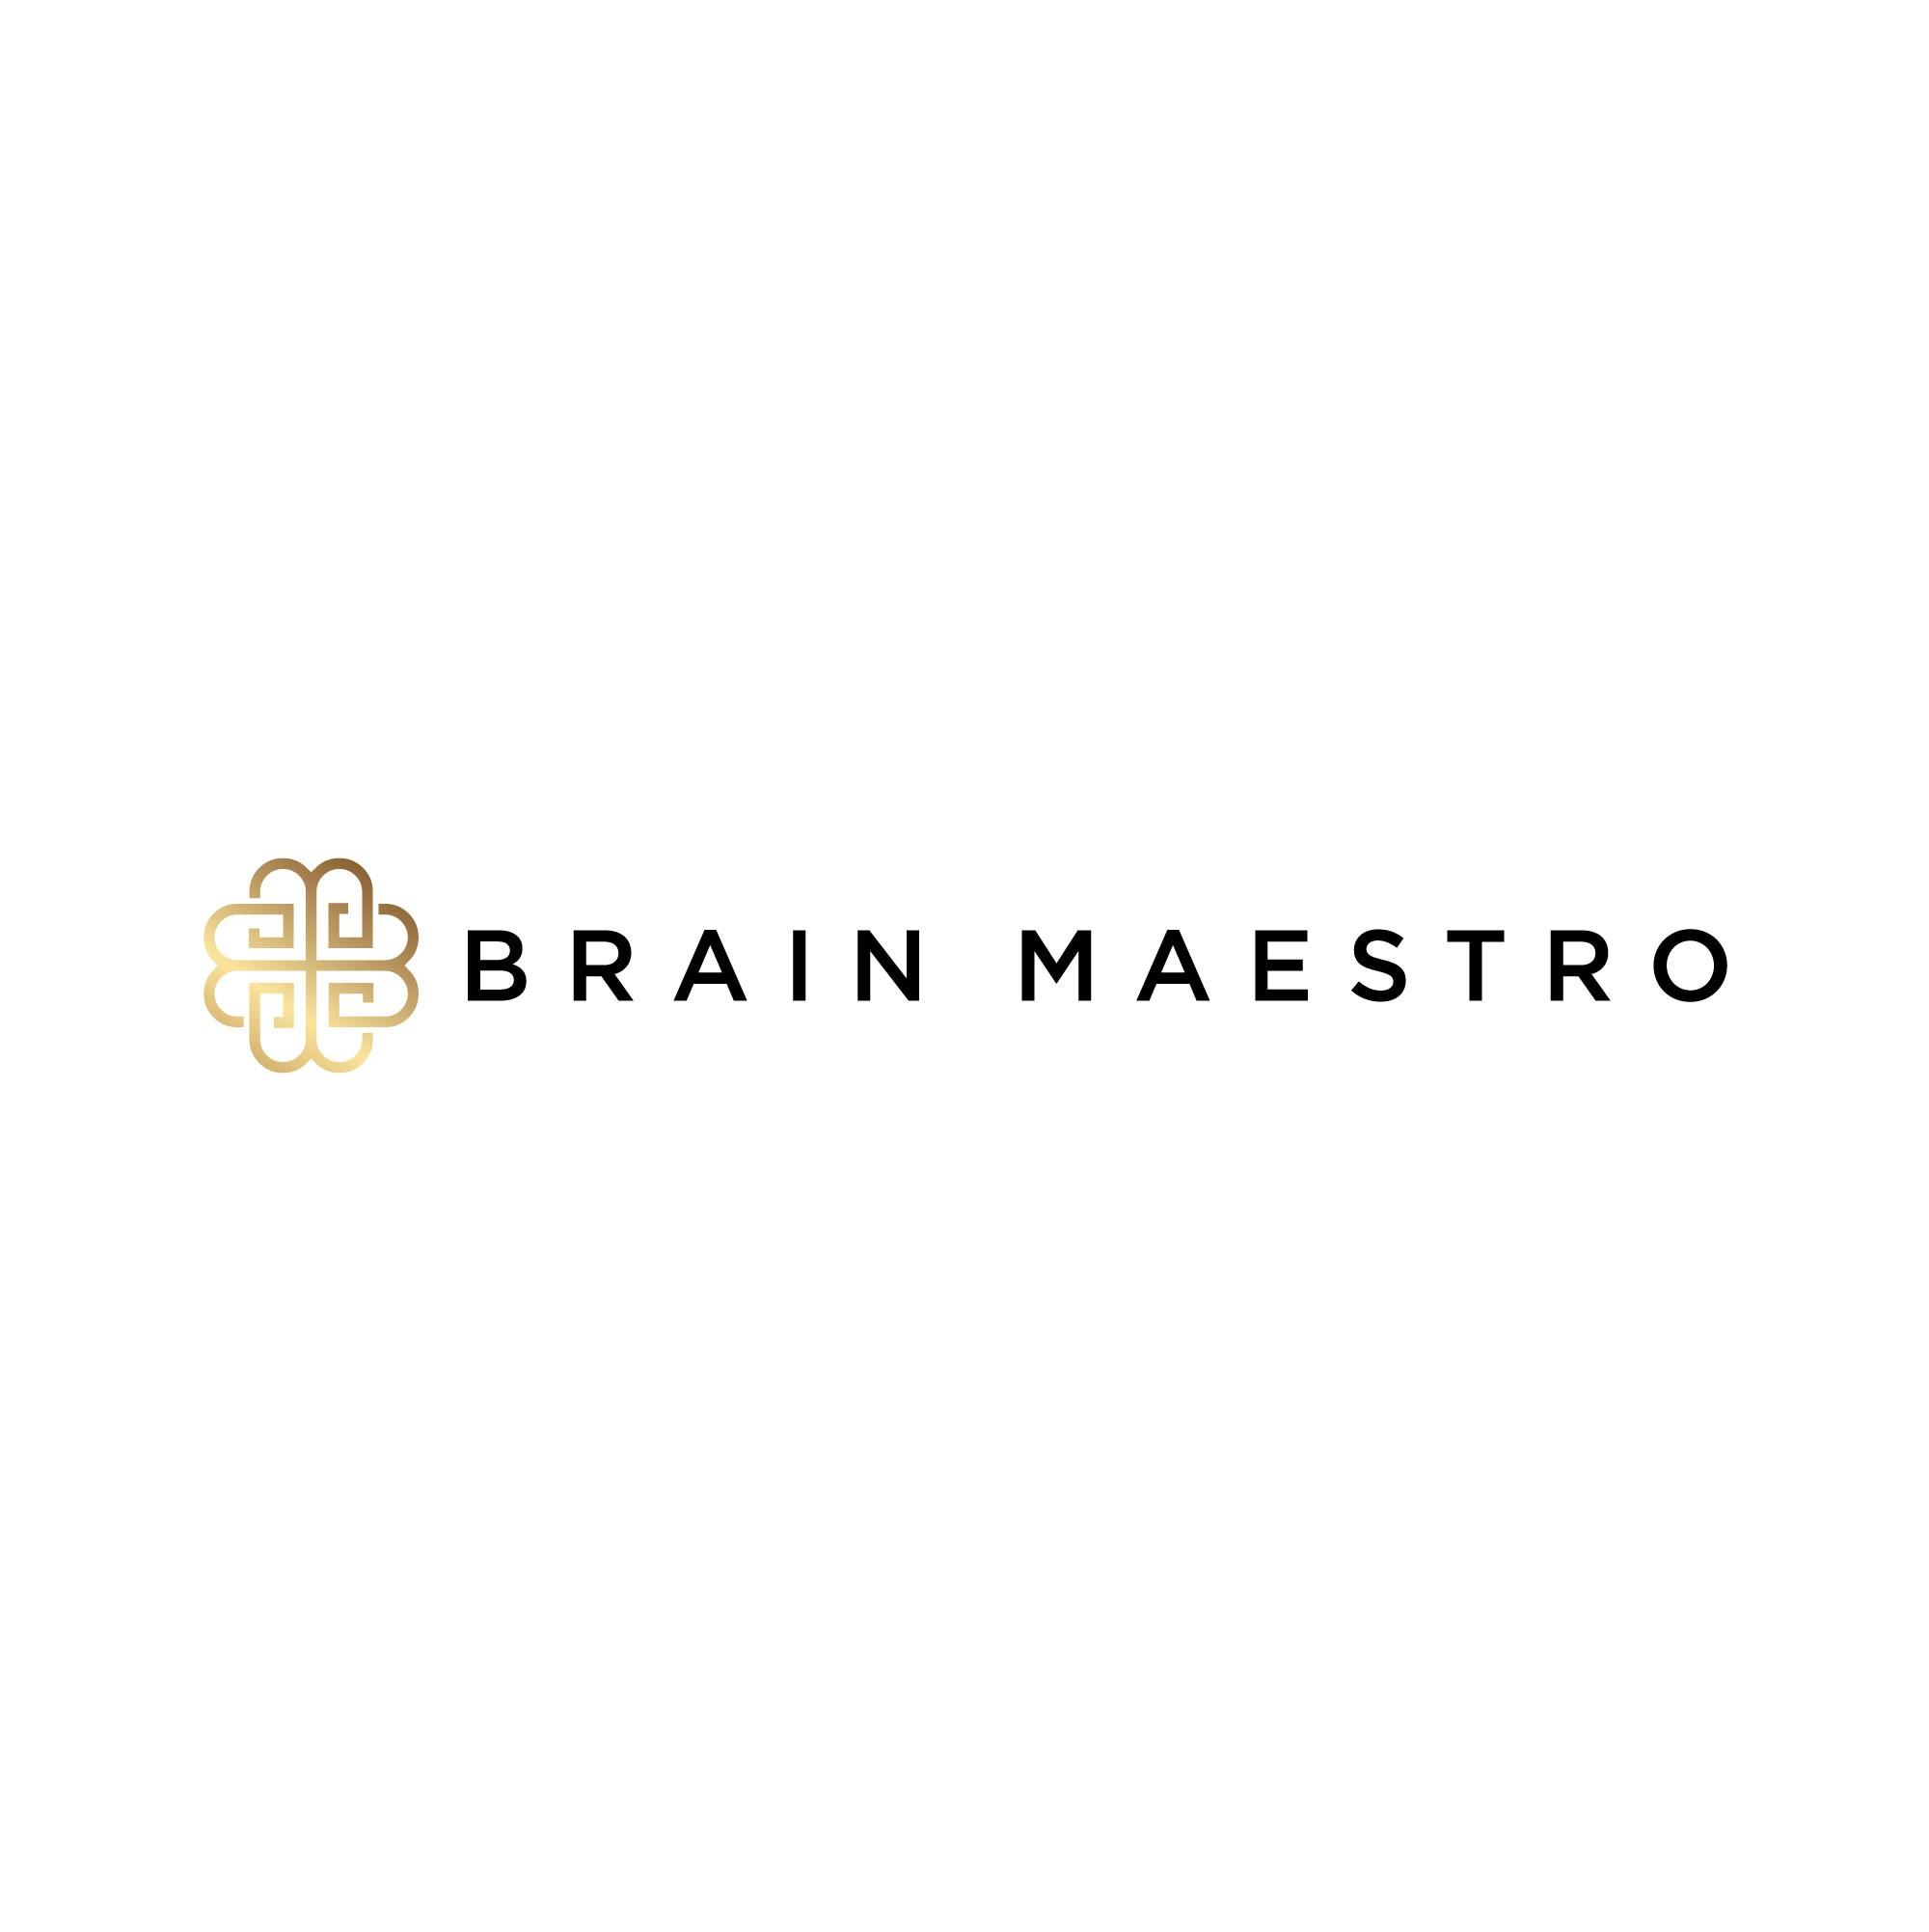 Become THE Brain Maestro!